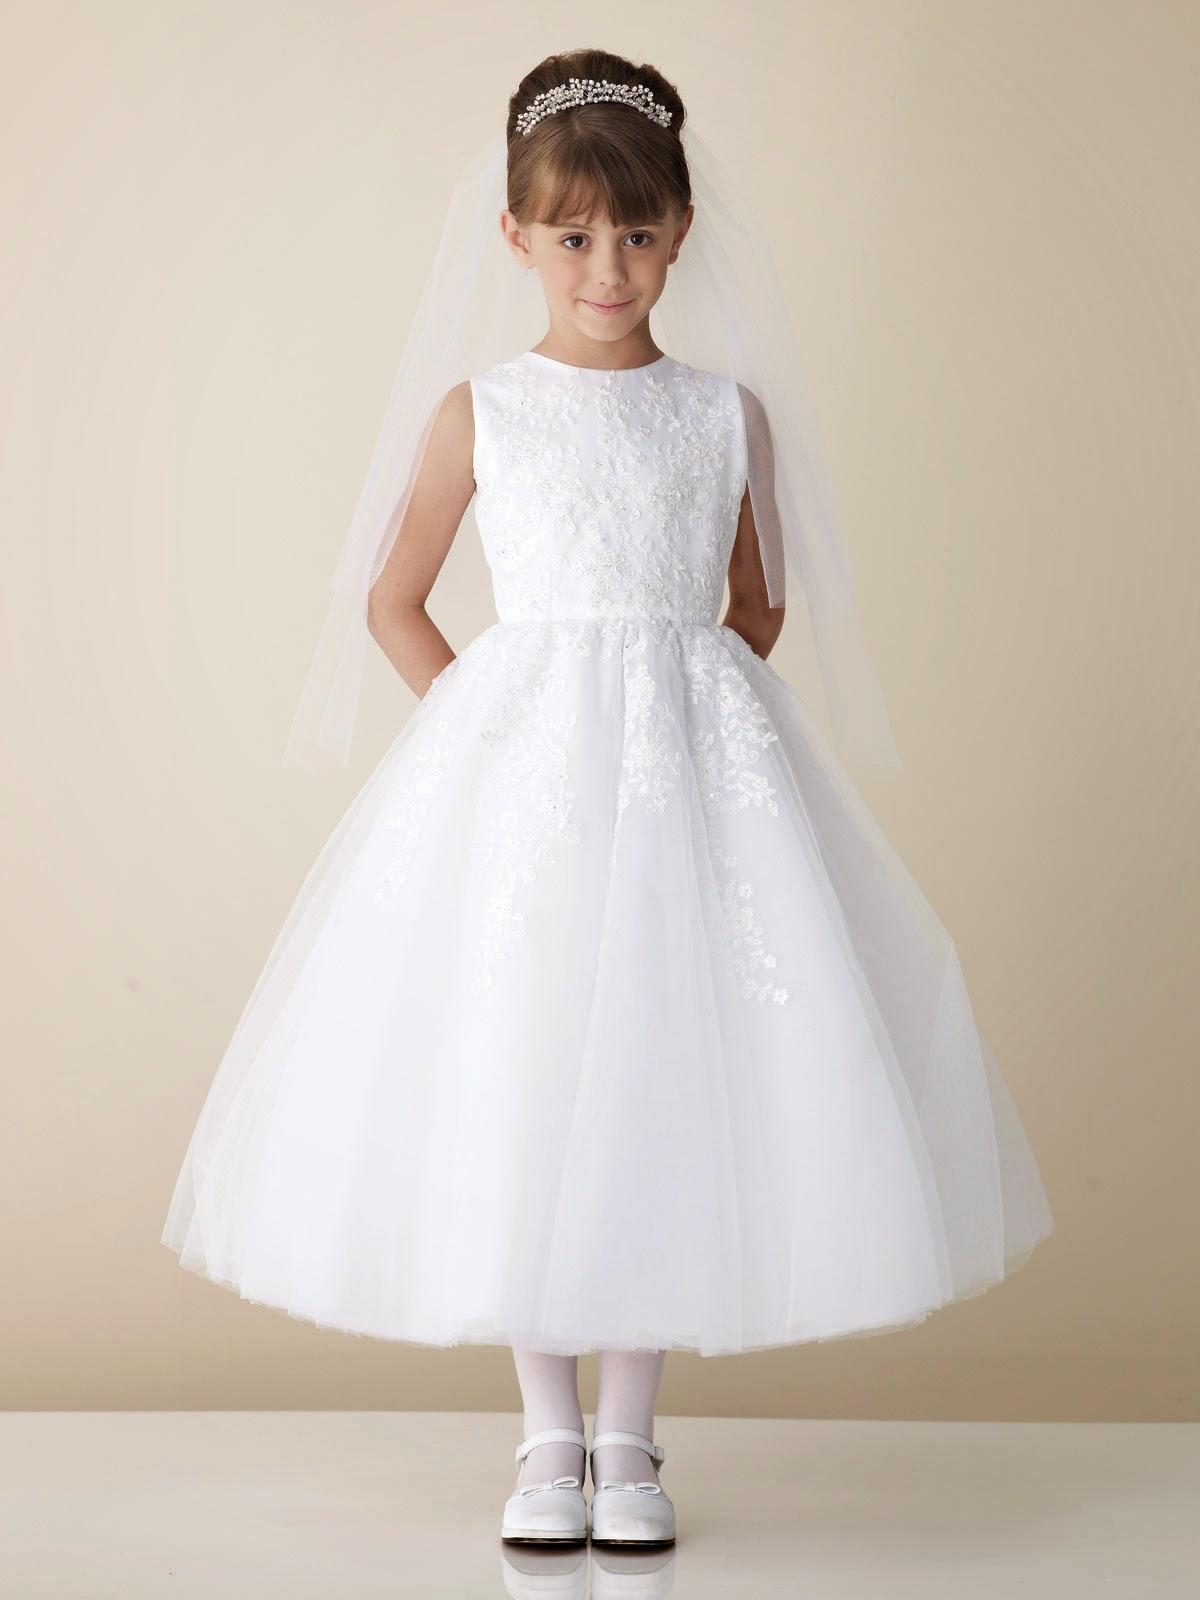 Communion Dresses For Girls November 2014